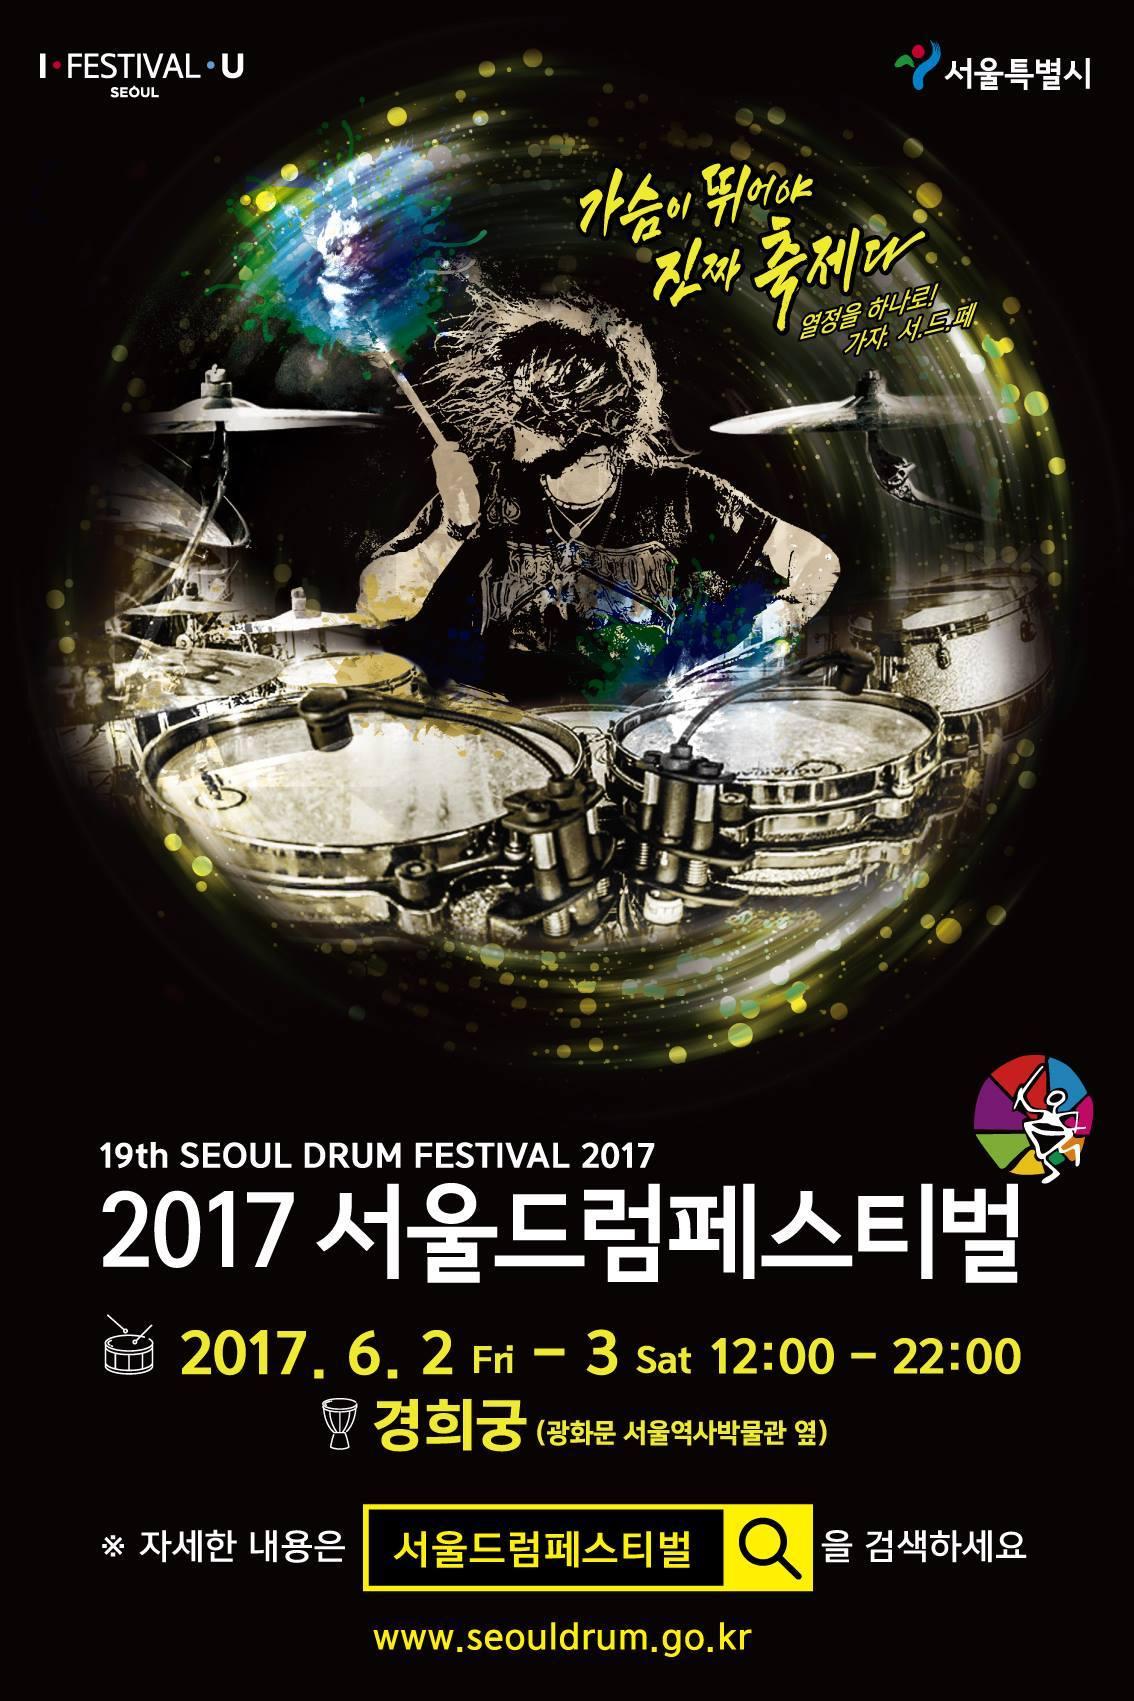 Seoul Drum Festival